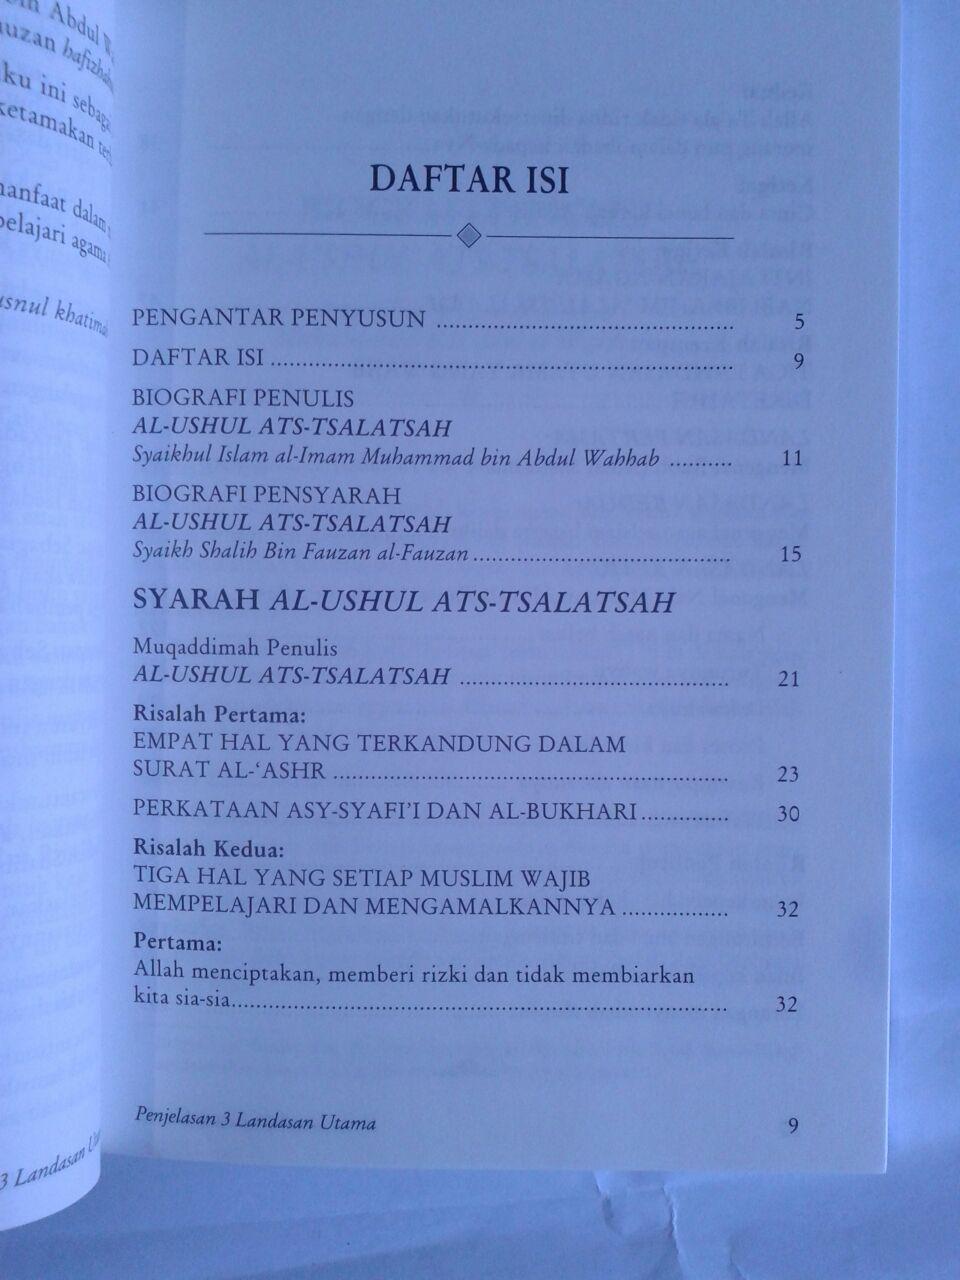 Buku Penjelasan 3 Landasan Utama Soft Cover isi